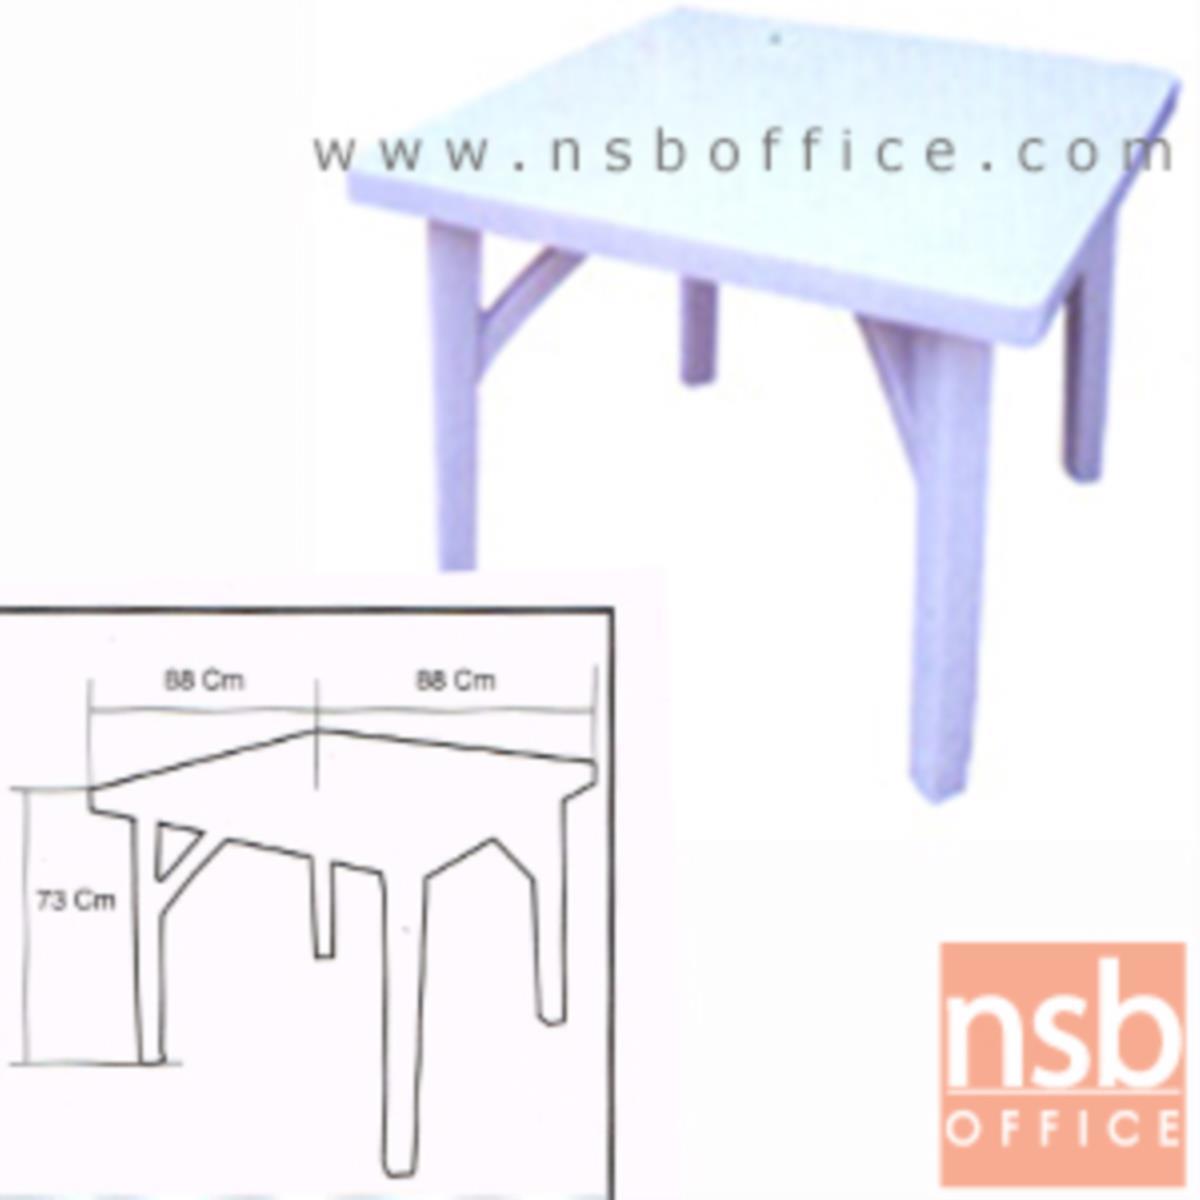 โต๊ะหน้าพลาสติก รุ่น TD-002  ขนาด 88W cm.